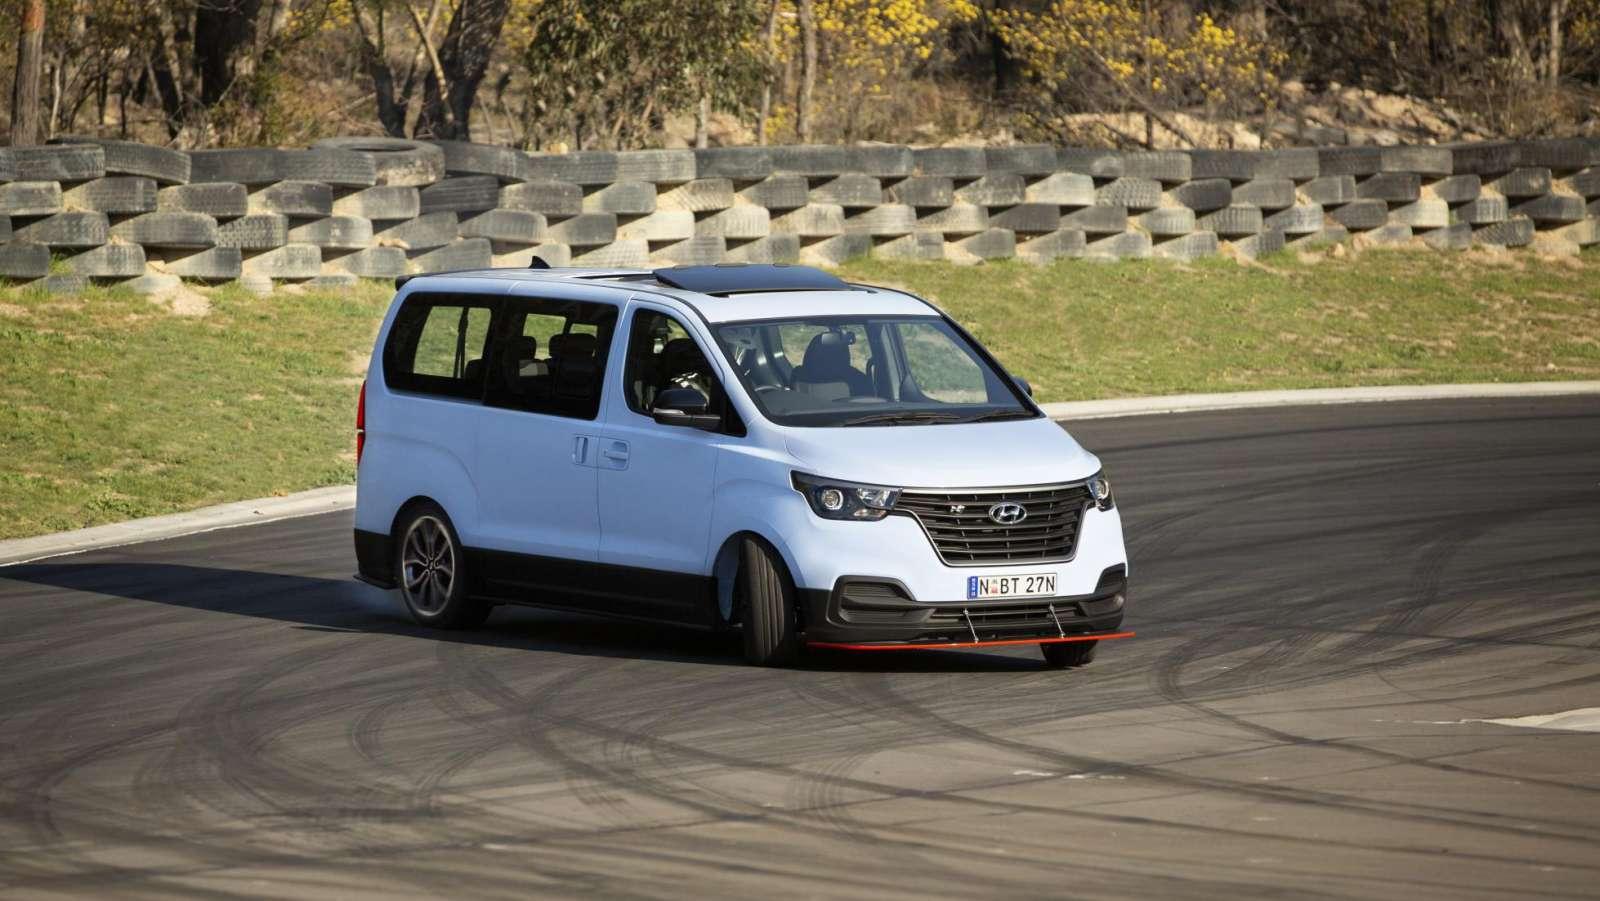 Hyundai Imax drift bus